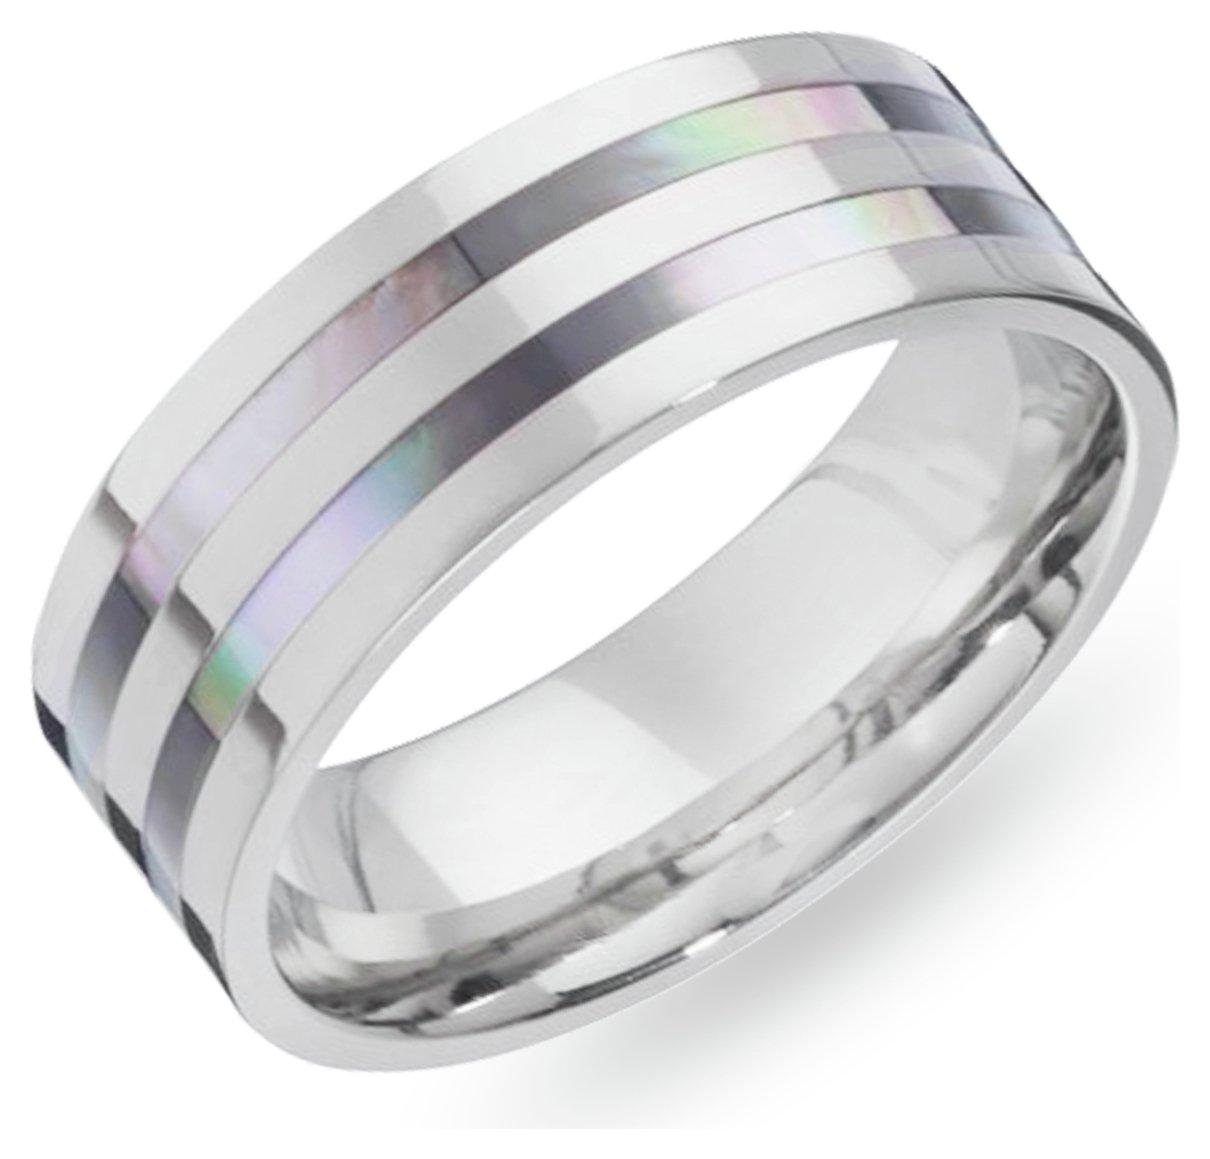 Revere Men's Titanium Mother of Pearl Ring